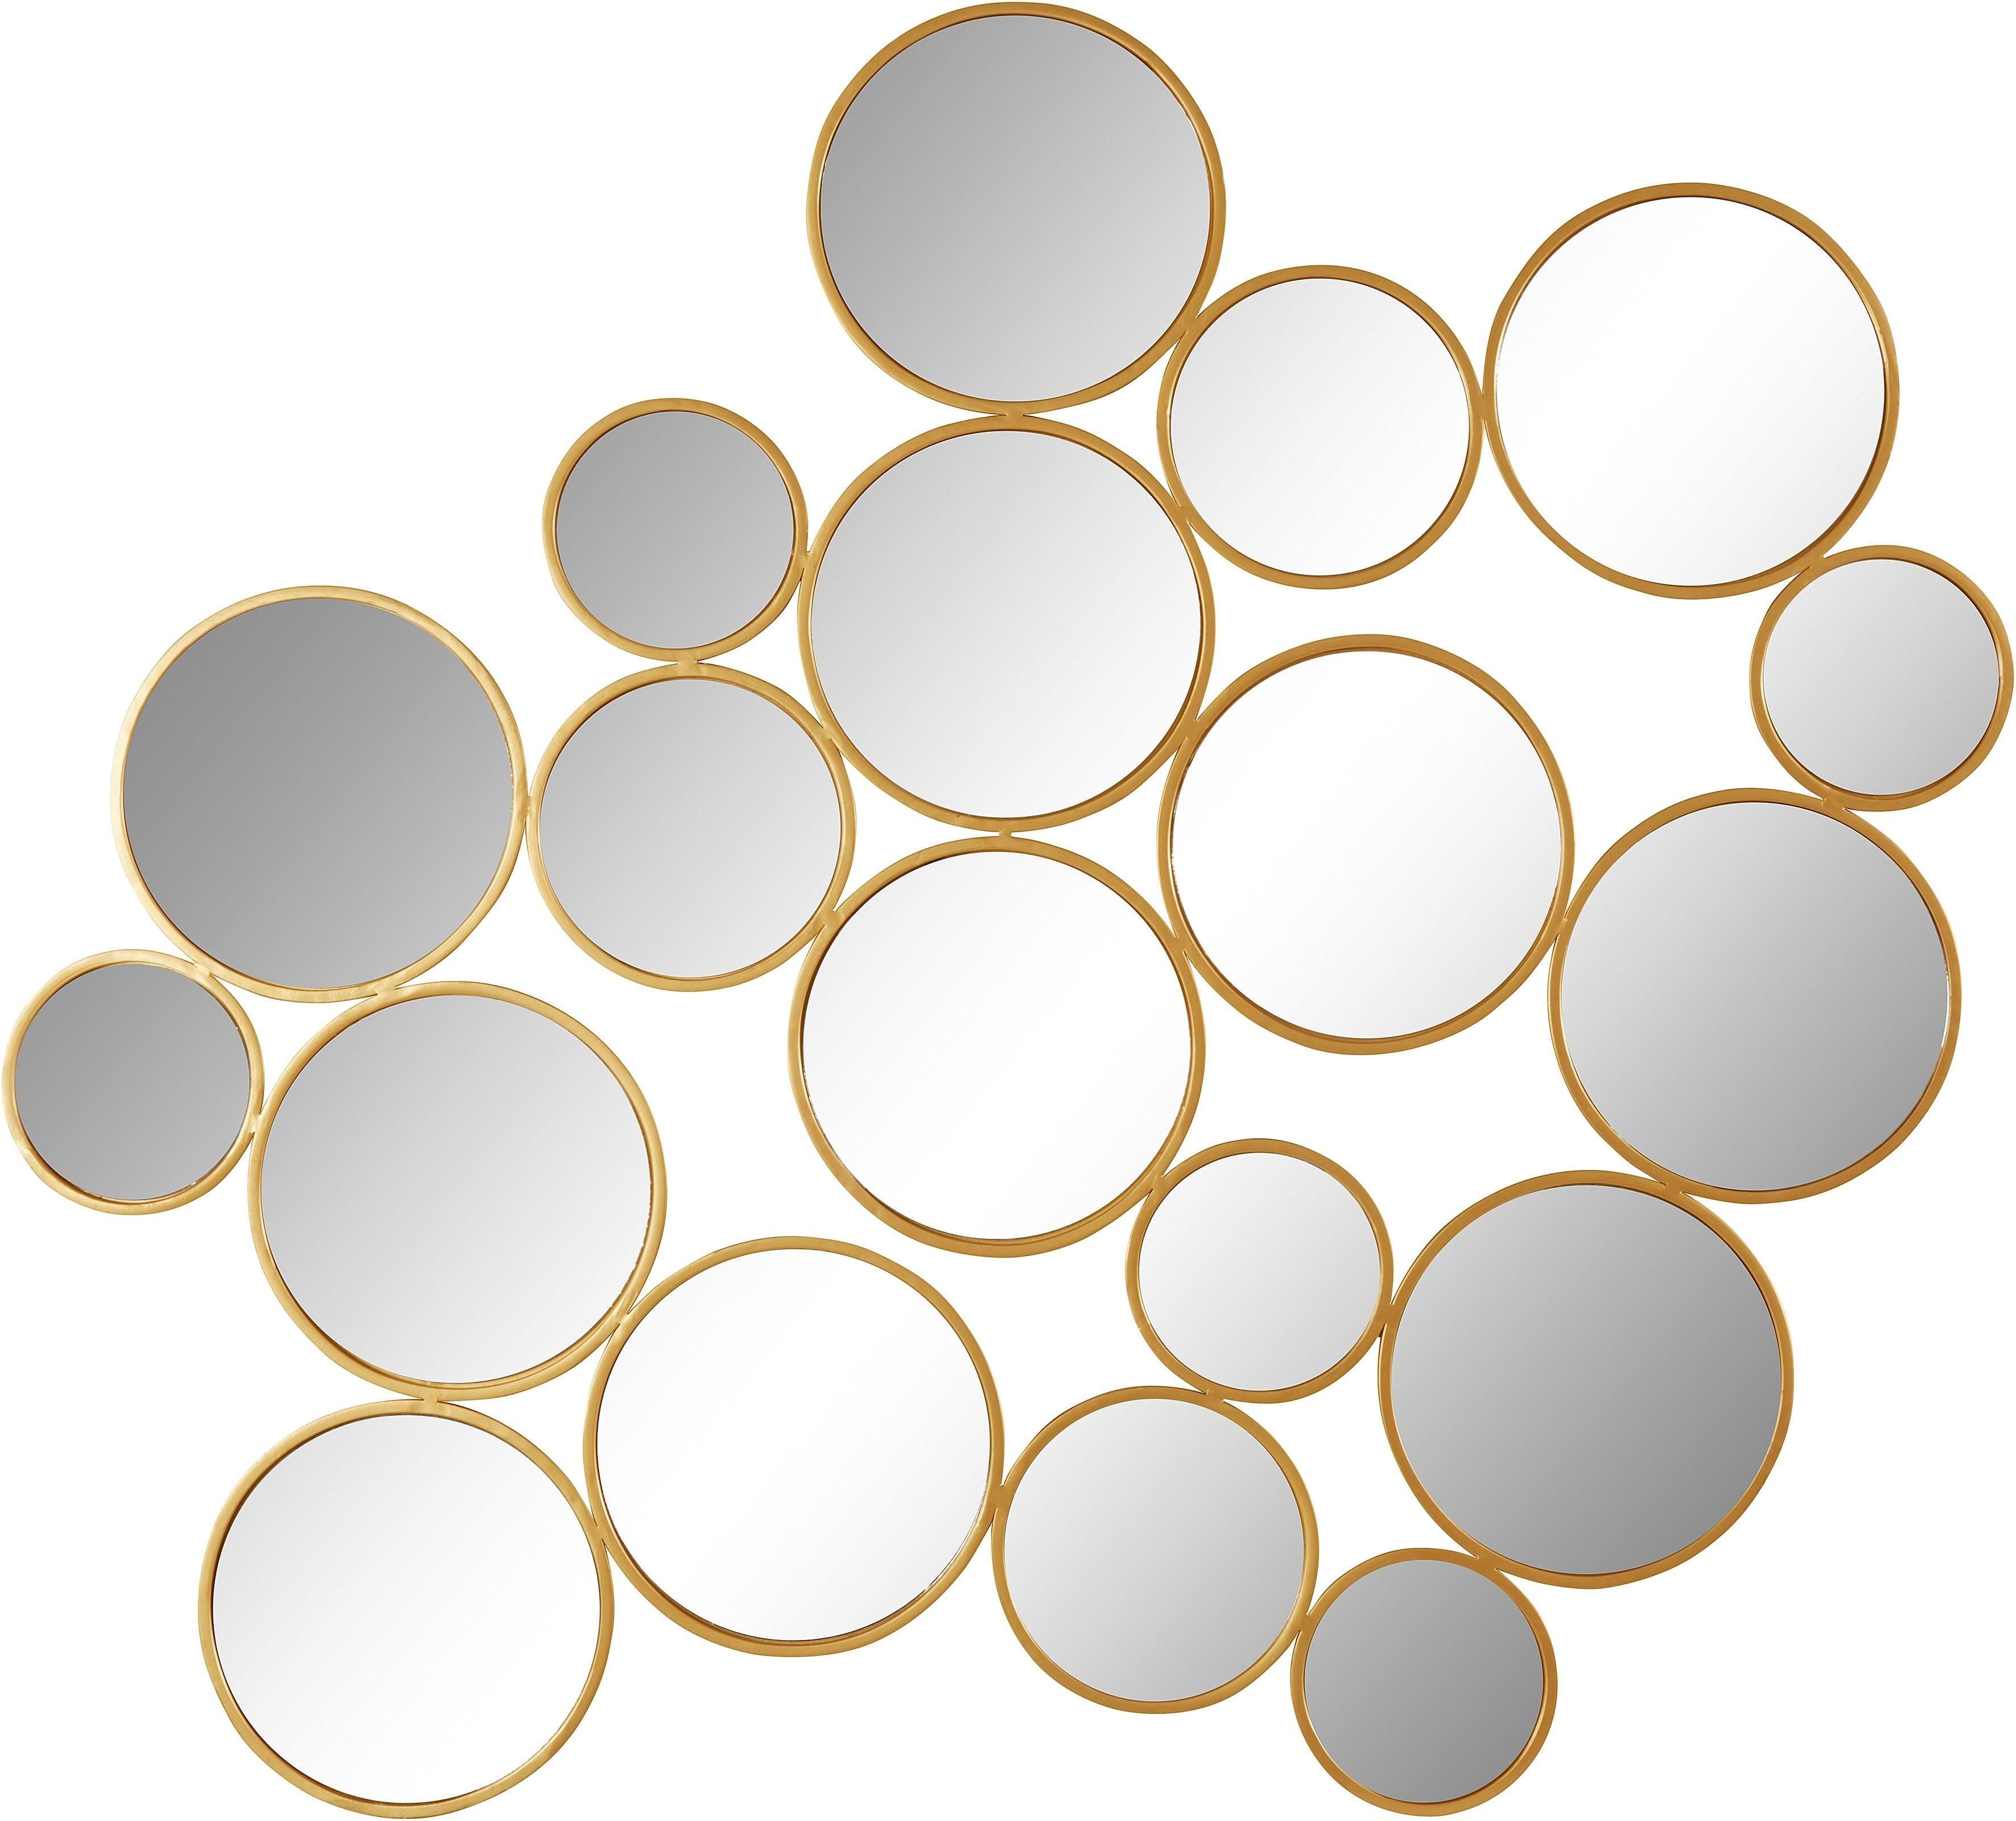 Leonique sierspiegel Malisa Wanddecoratie, bestaand uit 19 ronde spiegelementen voordelig en veilig online kopen